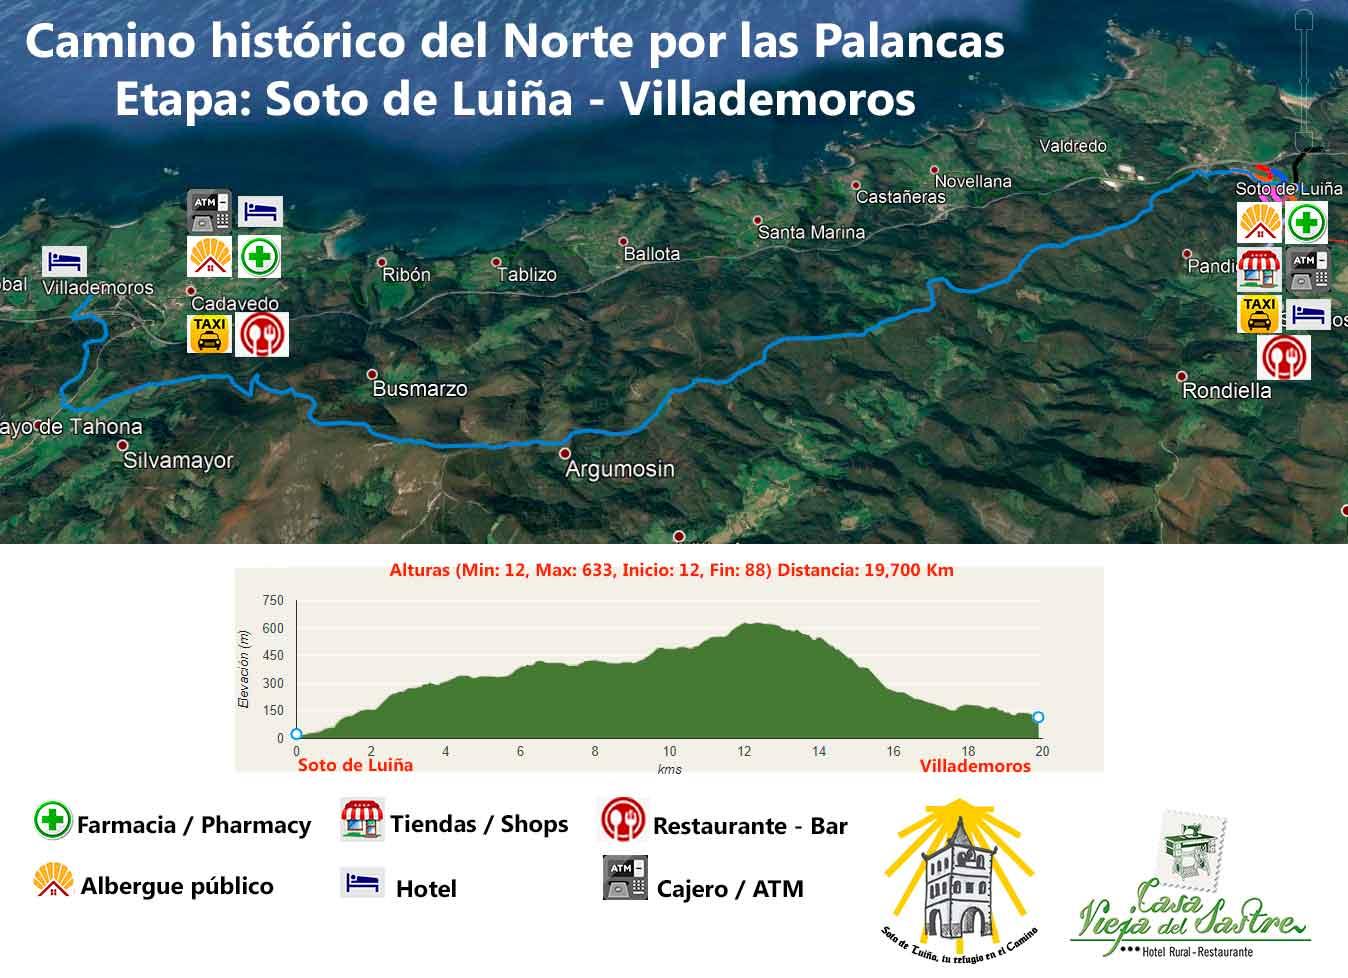 Camino del Norte Etapa Soto de Luiña - Villdemoros por las Palancas